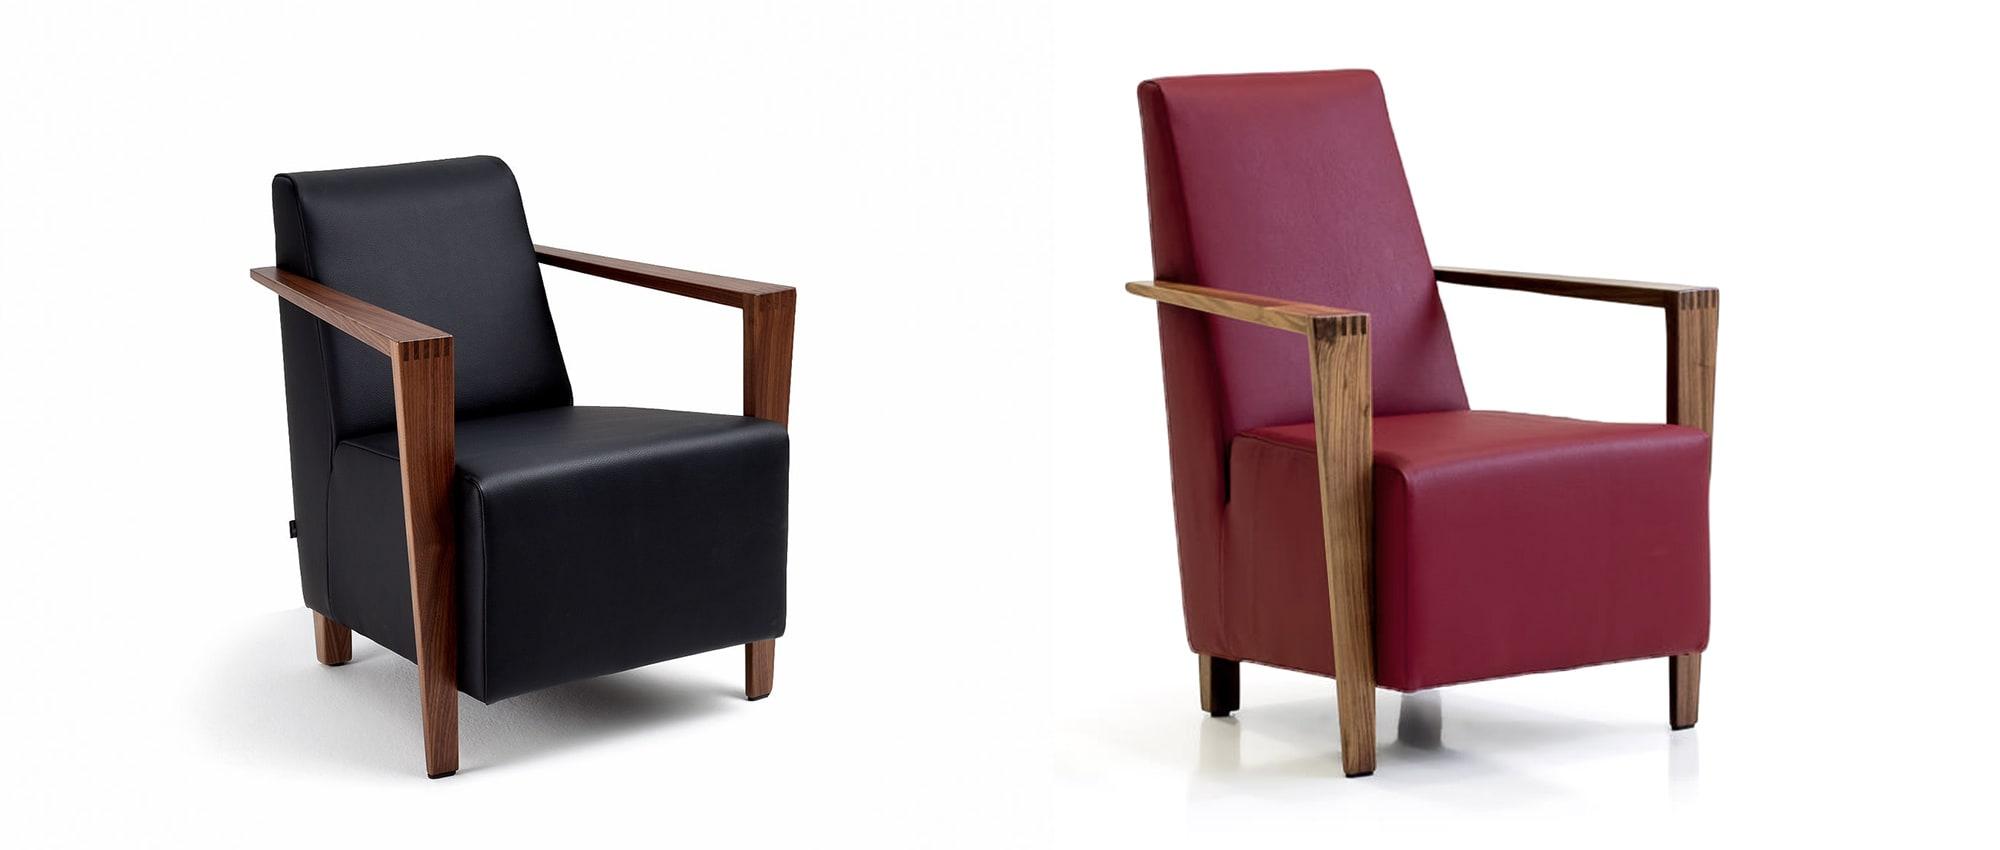 dresden sessel und dresden hocker von franz fertig. Black Bedroom Furniture Sets. Home Design Ideas